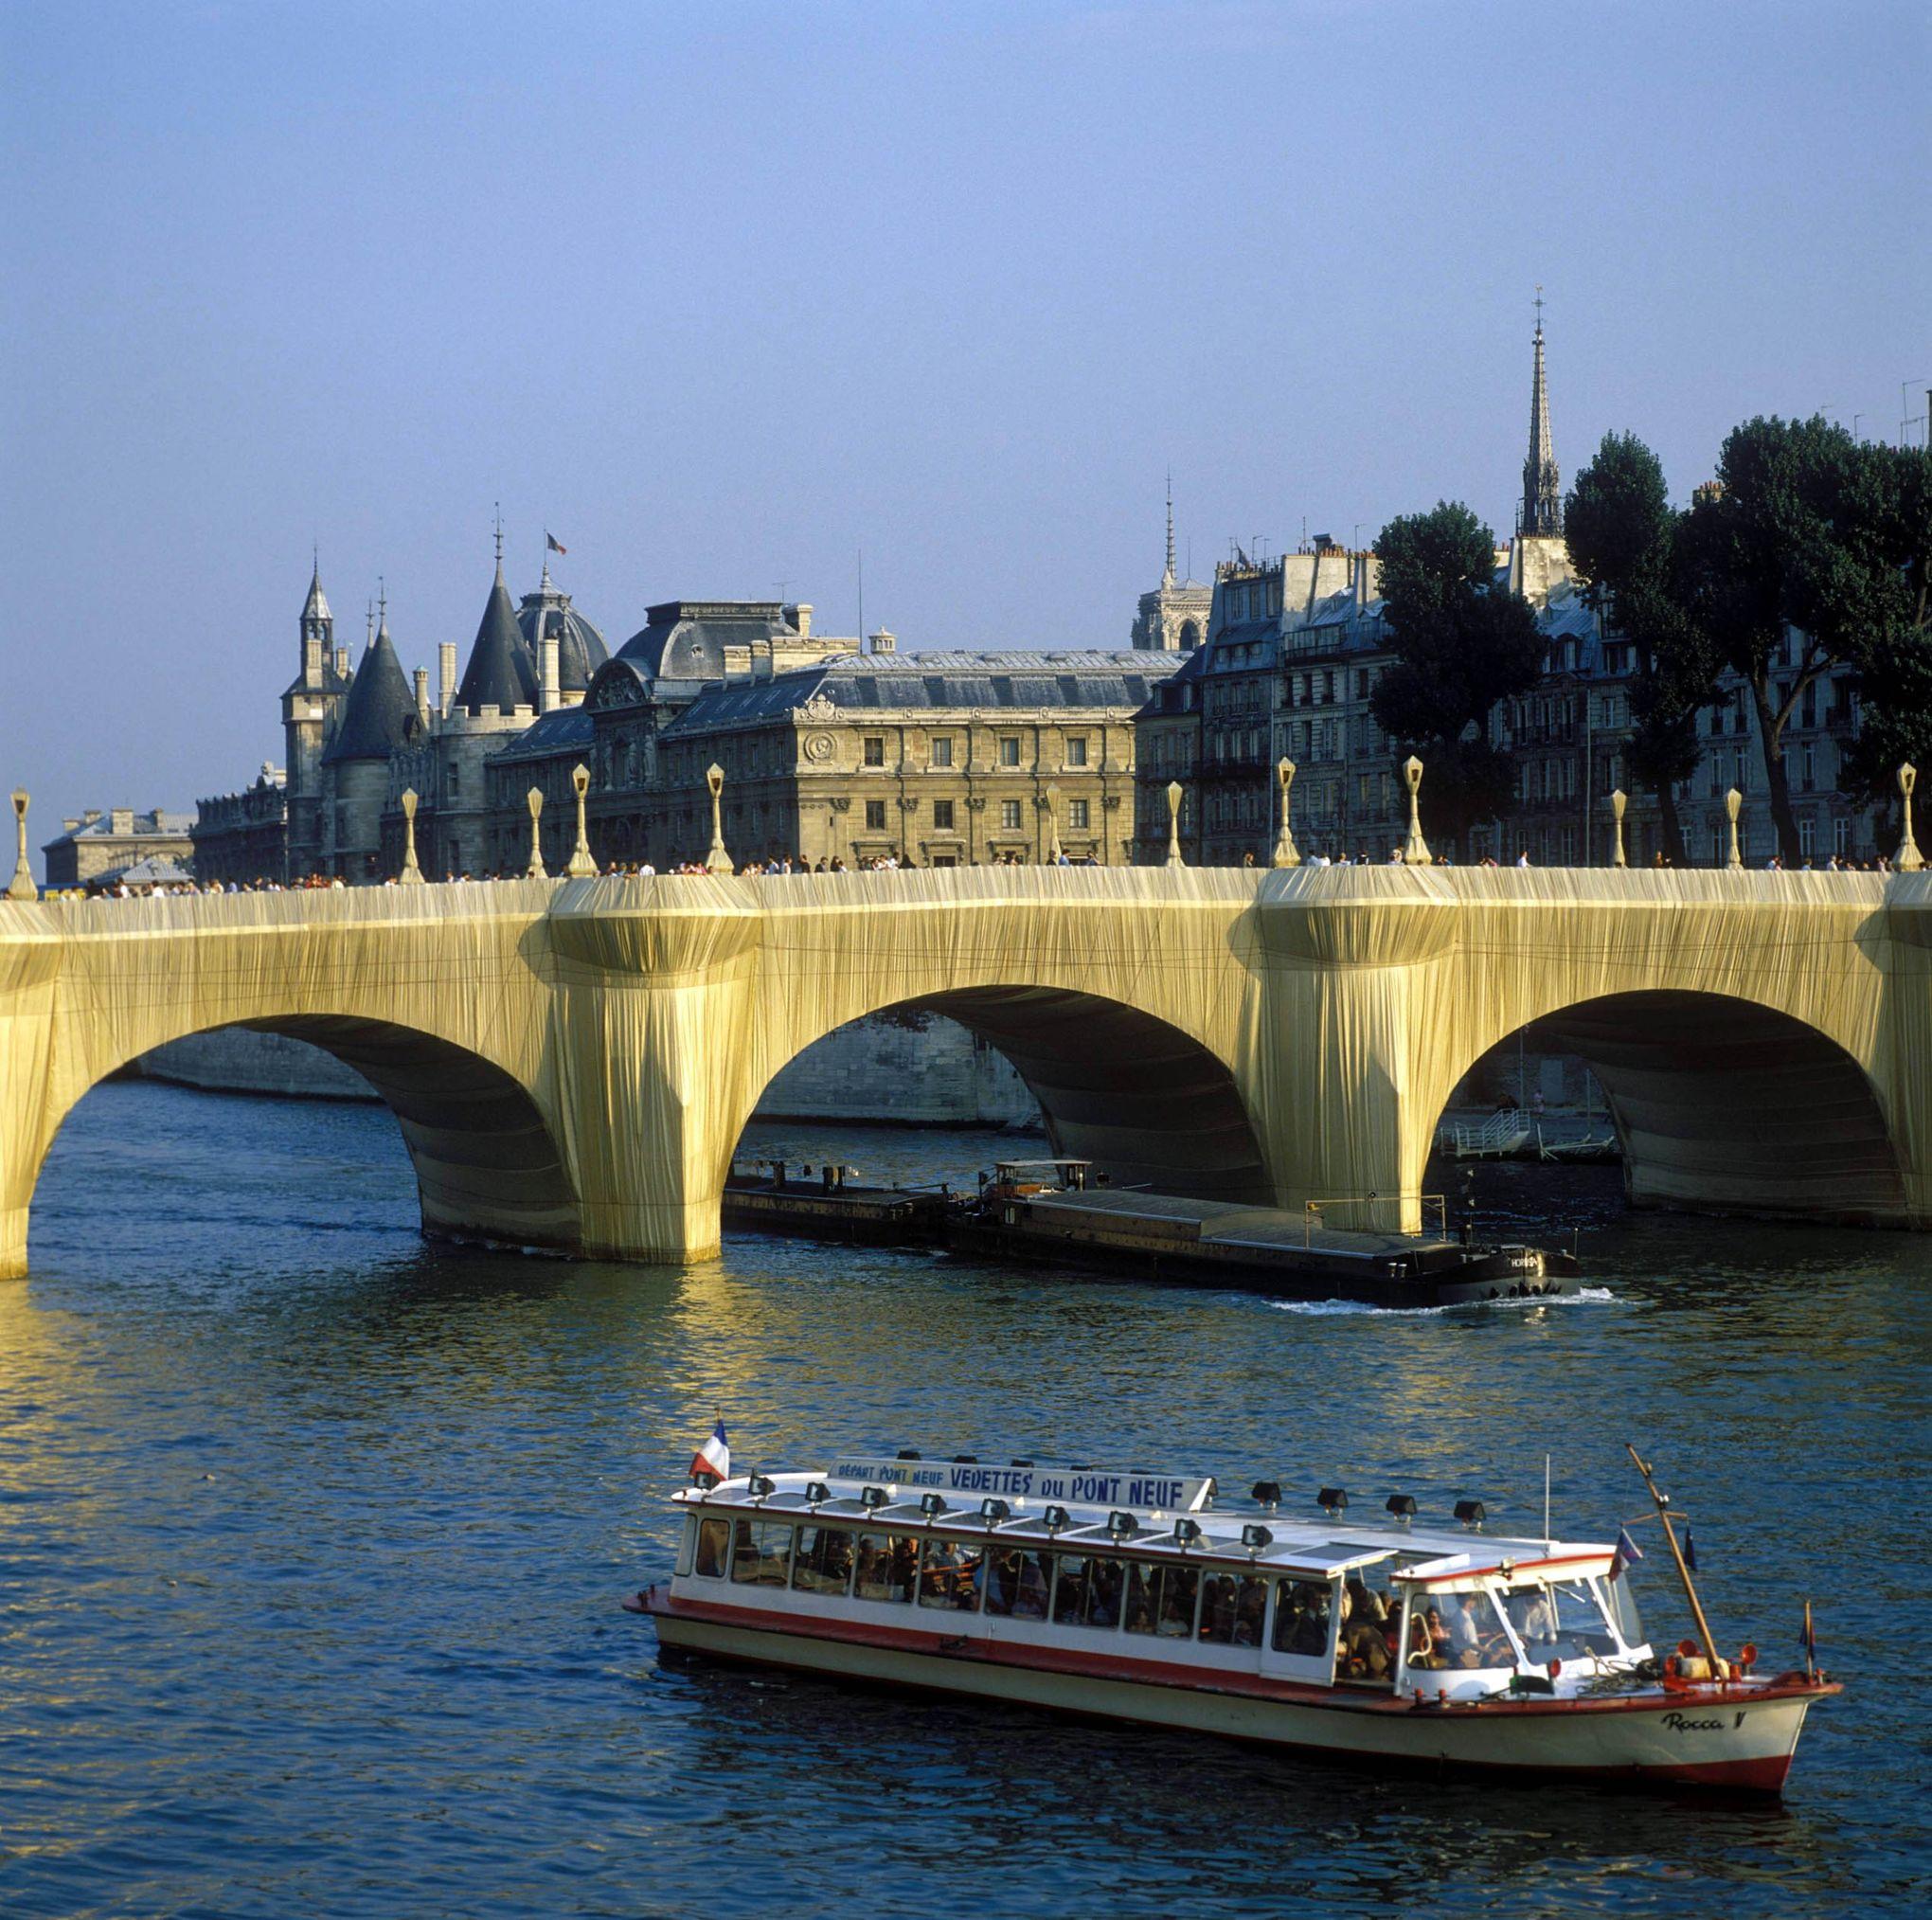 """Résultat de recherche d'images pour """"pont neuf christo"""""""